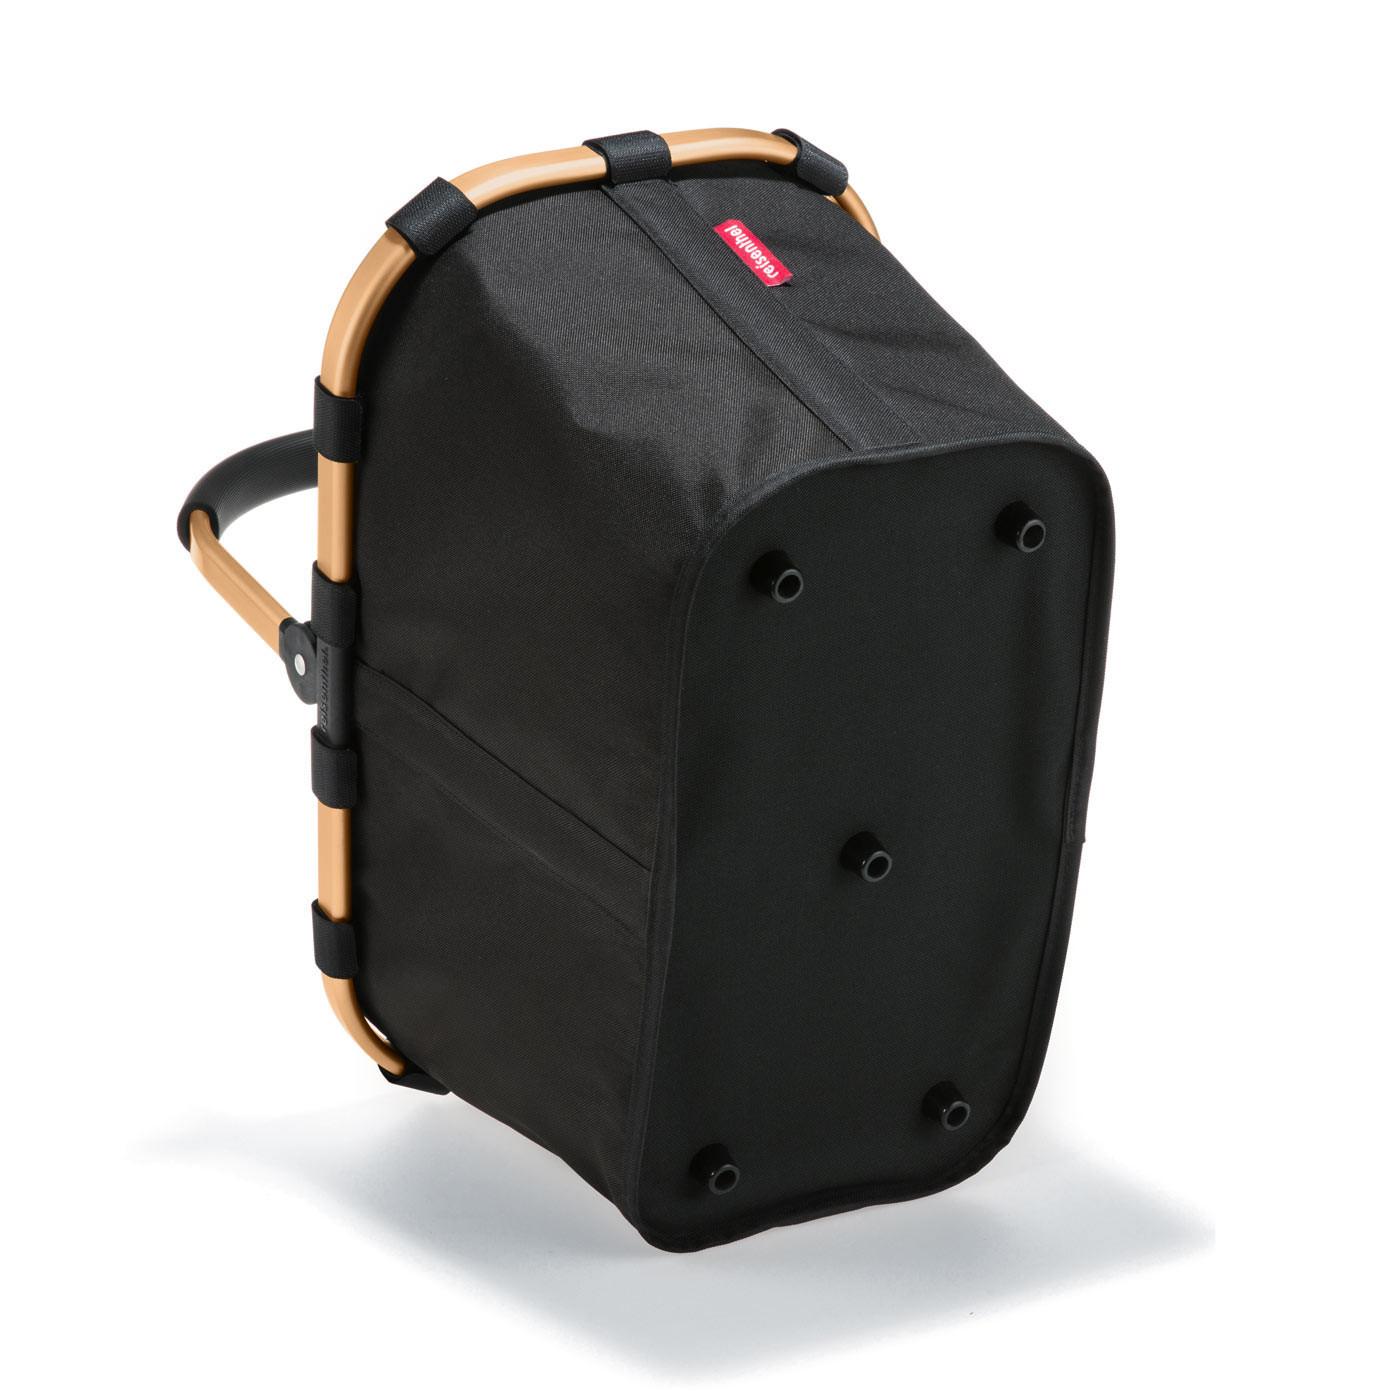 carrybag Einkaufskorb 22l - Schwarz mit goldenem Rahmen